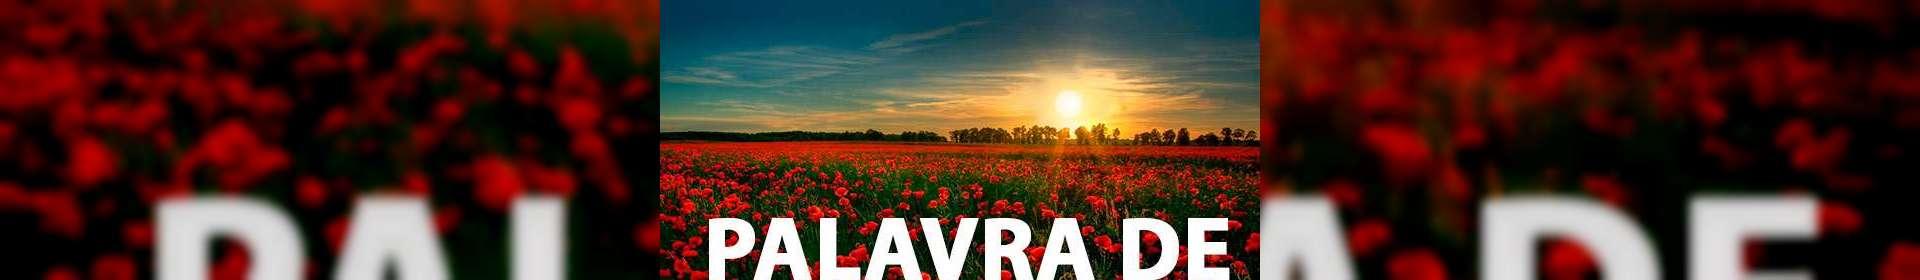 Salmos 40:1 - Uma Palavra de Esperança para sua vida